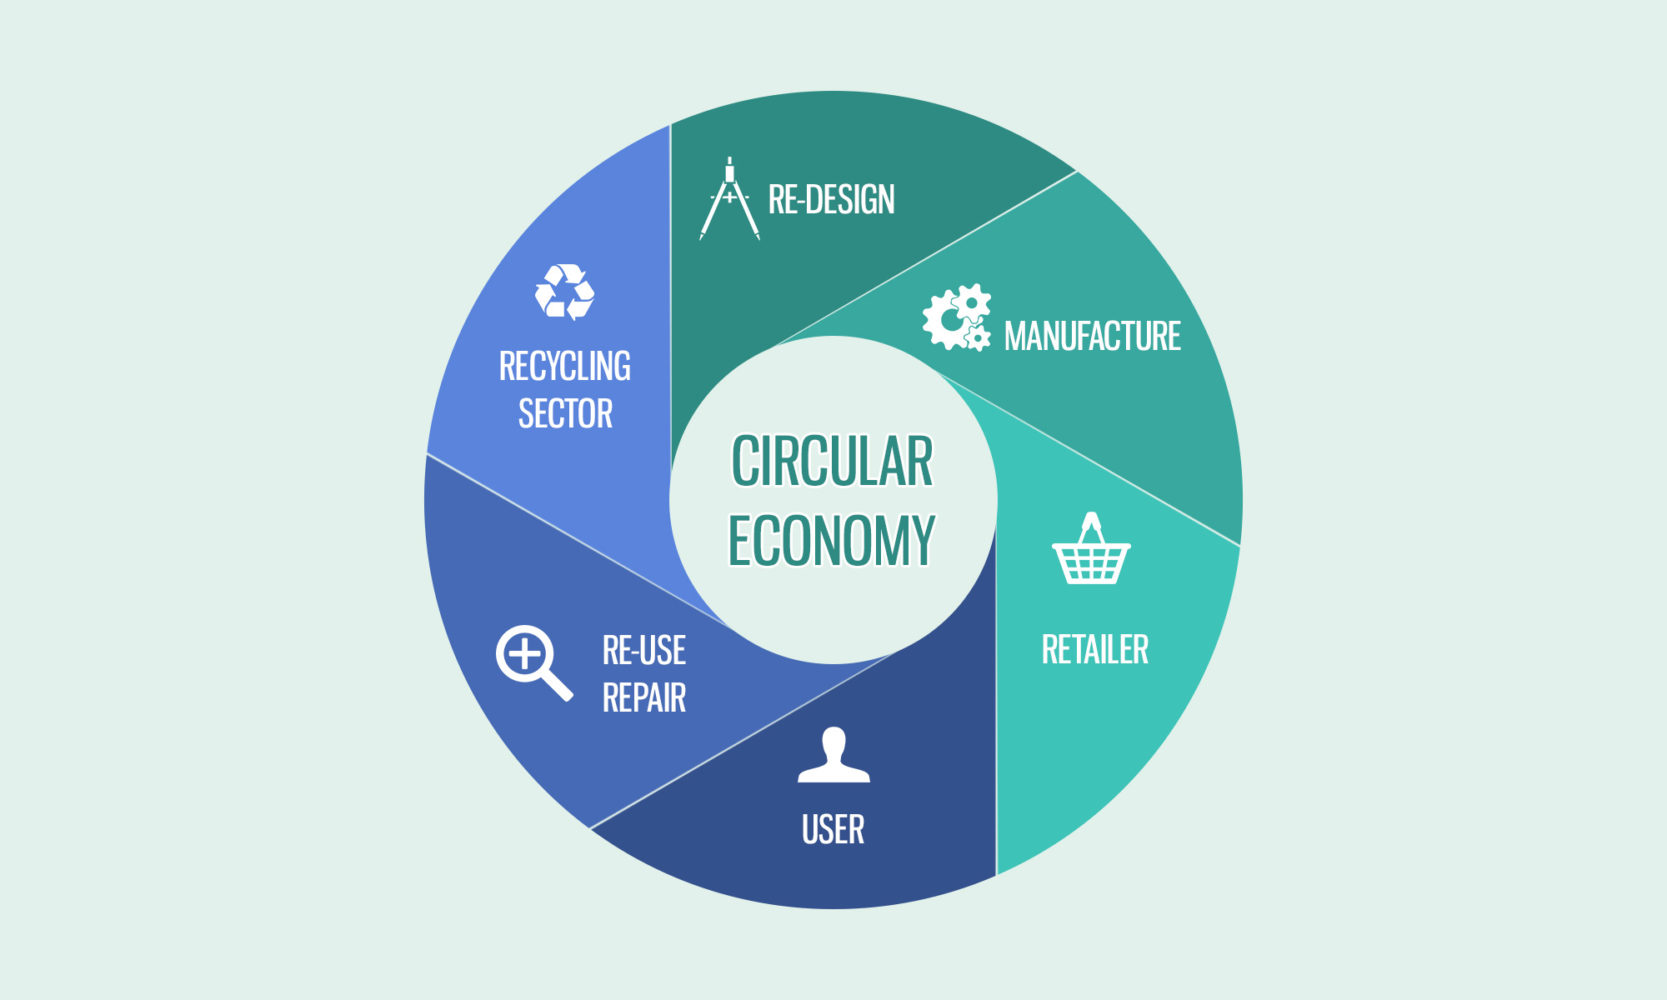 http://golocal-ukraine.com/wp-content/uploads/2018/06/infografica-circular-economy-1-e1529504335849.jpg